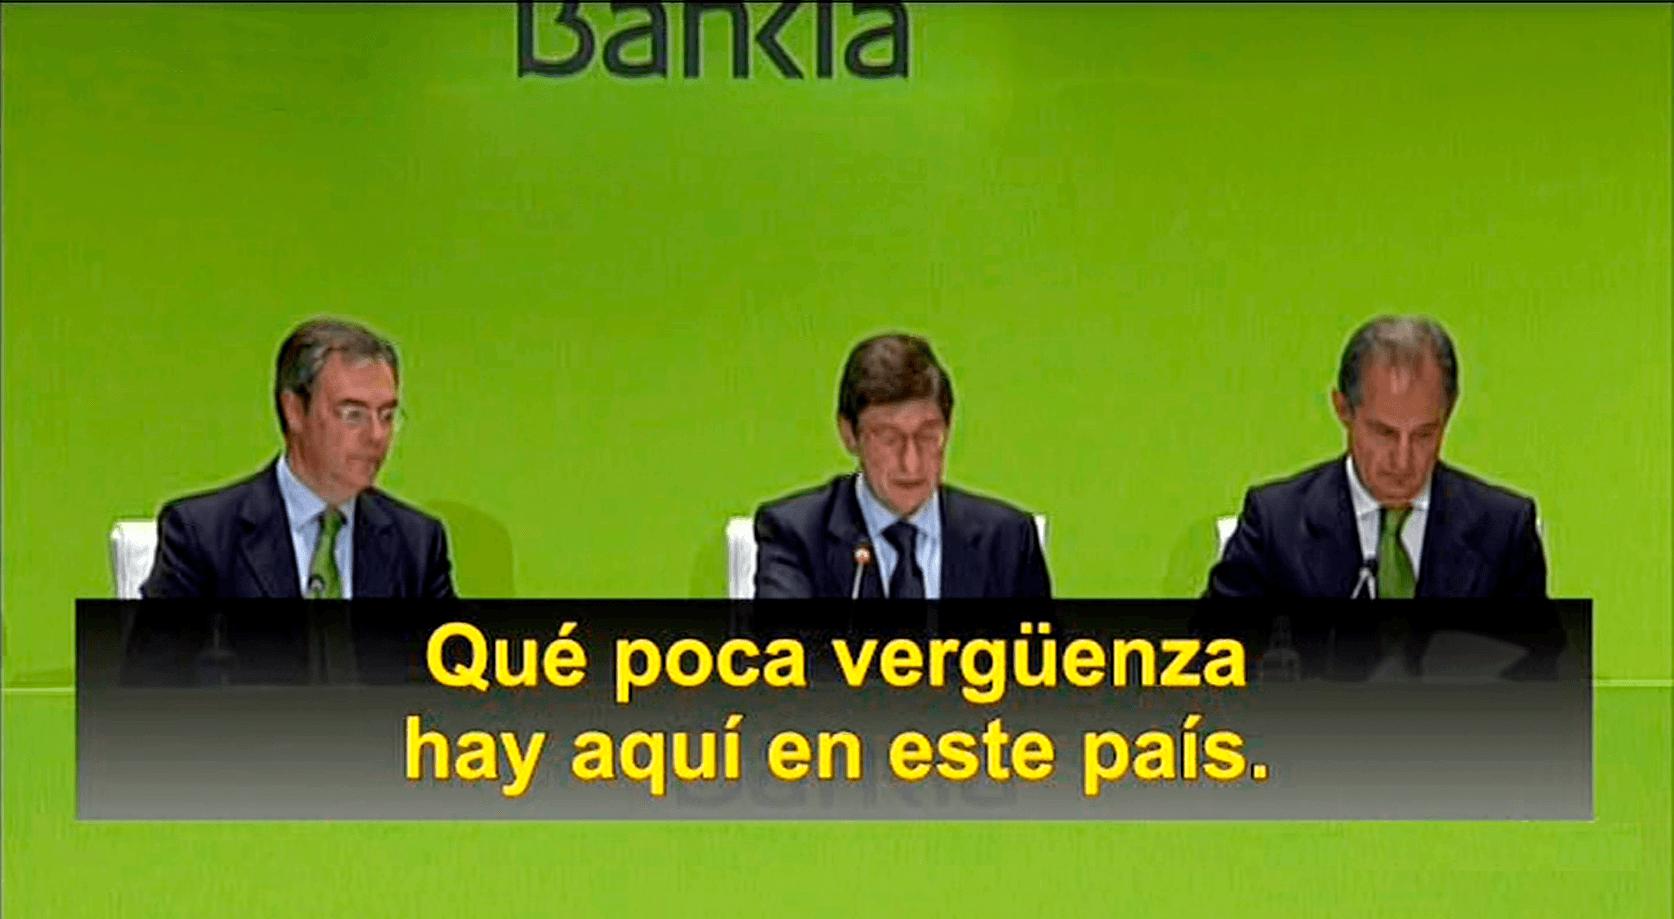 Preferentistas indignados abuchean a Goirigolzarri en la junta de accionistas de Bankia